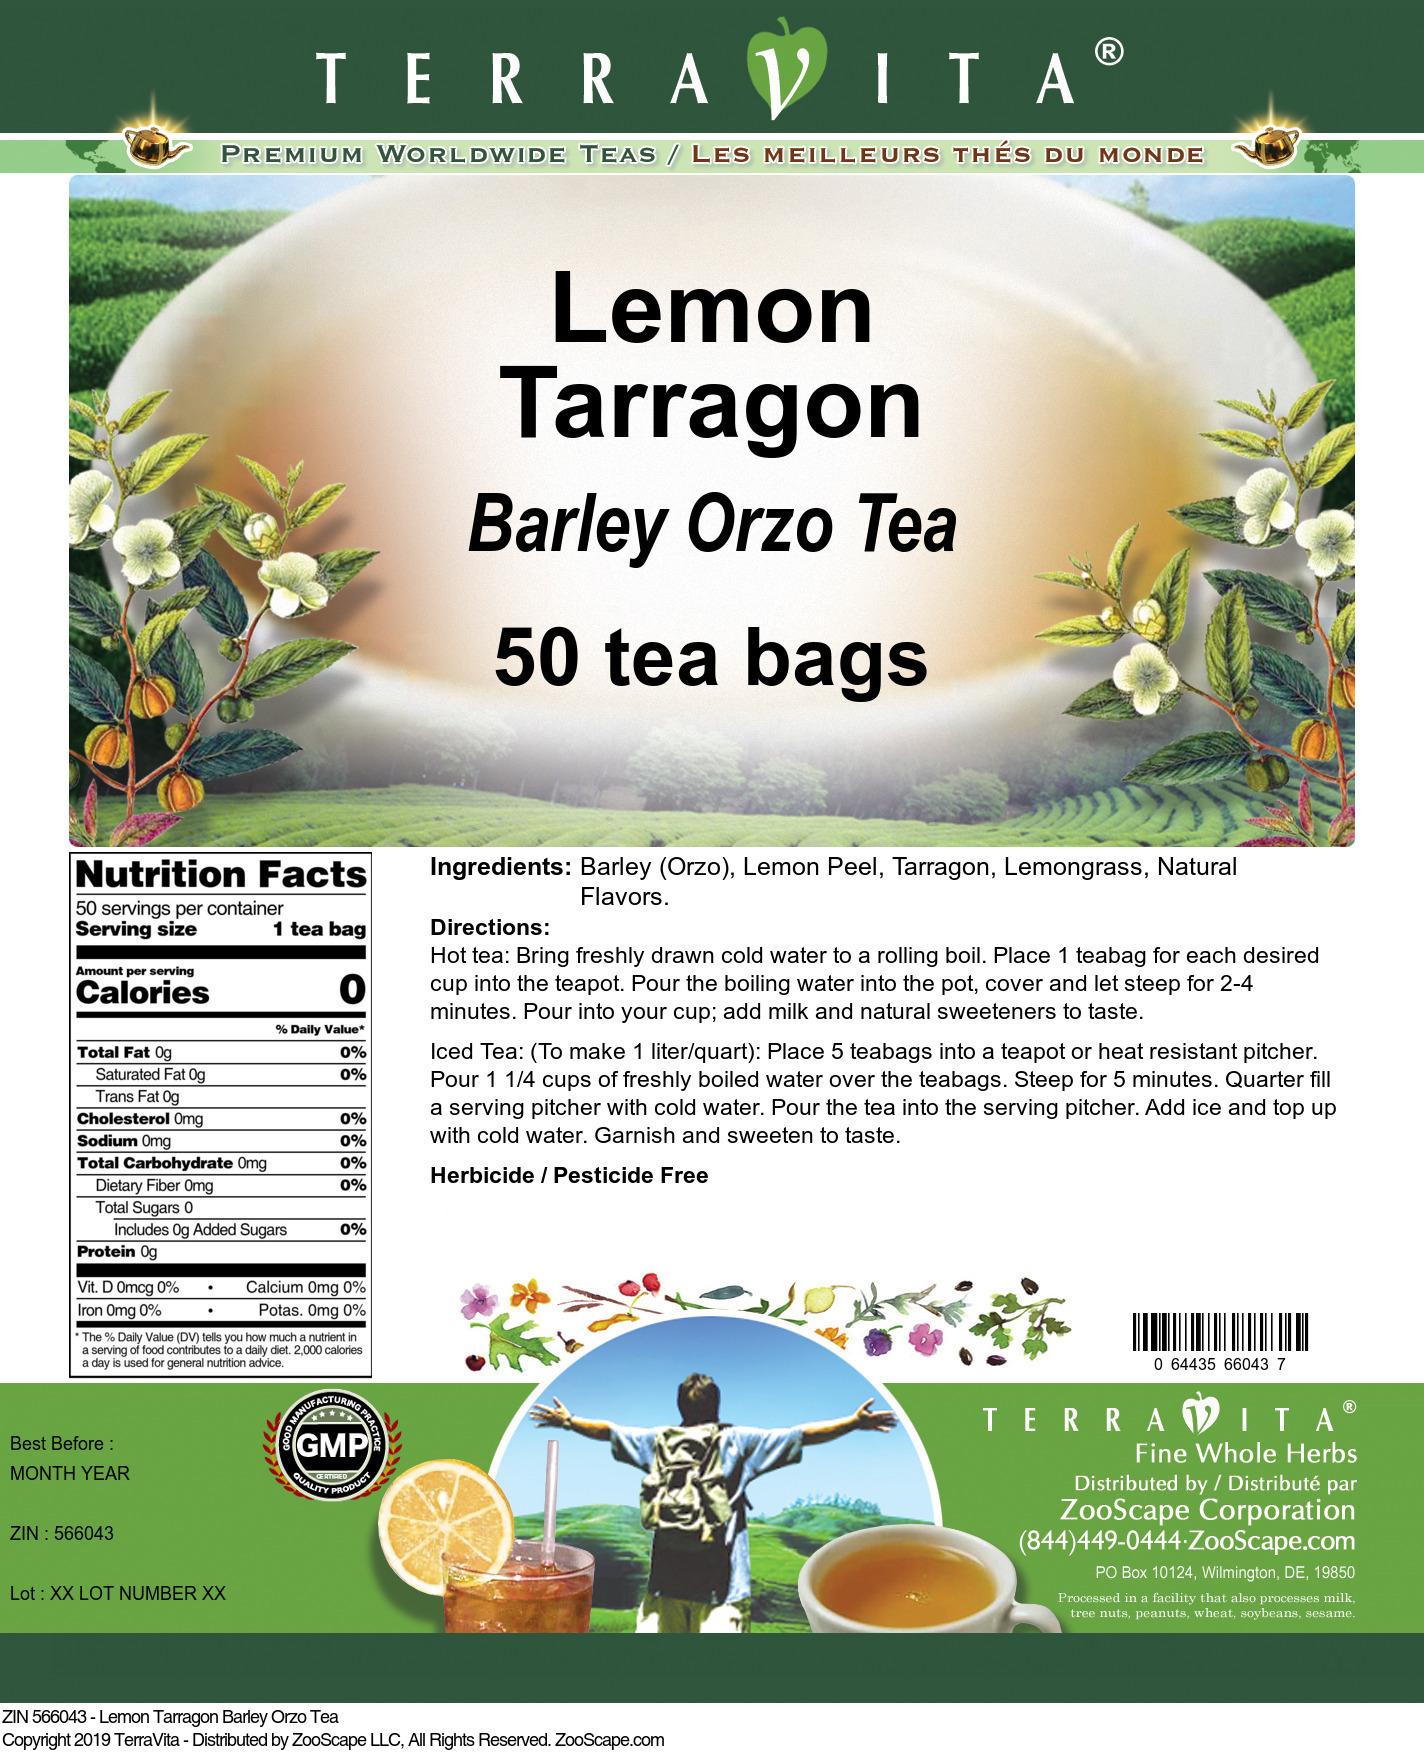 Lemon Tarragon Barley Orzo Tea